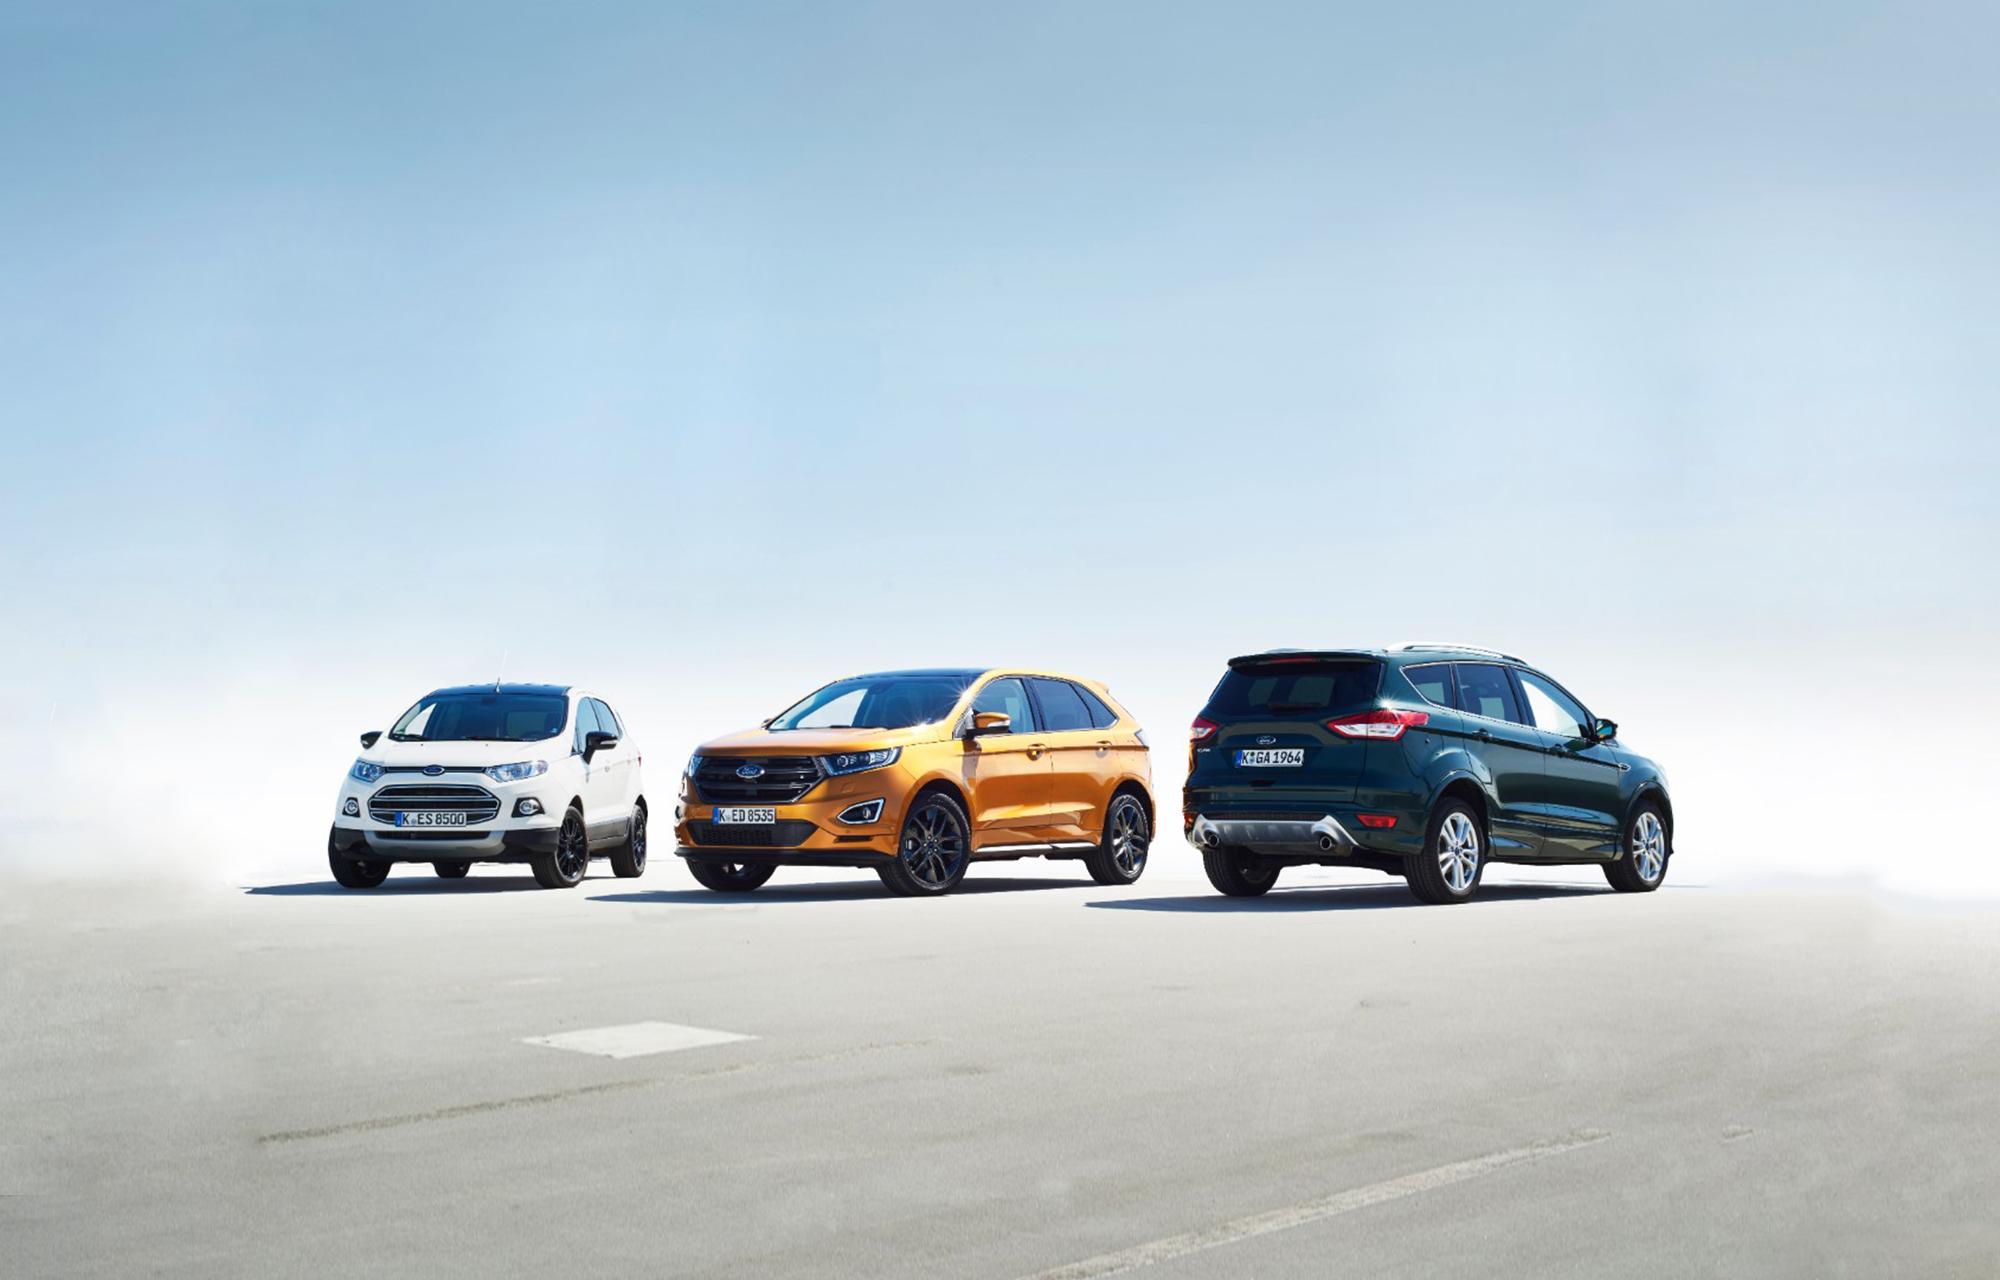 Stimuleren milieubewuste millennials recordverkoop van SUV's? Ford introduceert rond 2020 elektrische SUV met actieradius van 480 kilometer